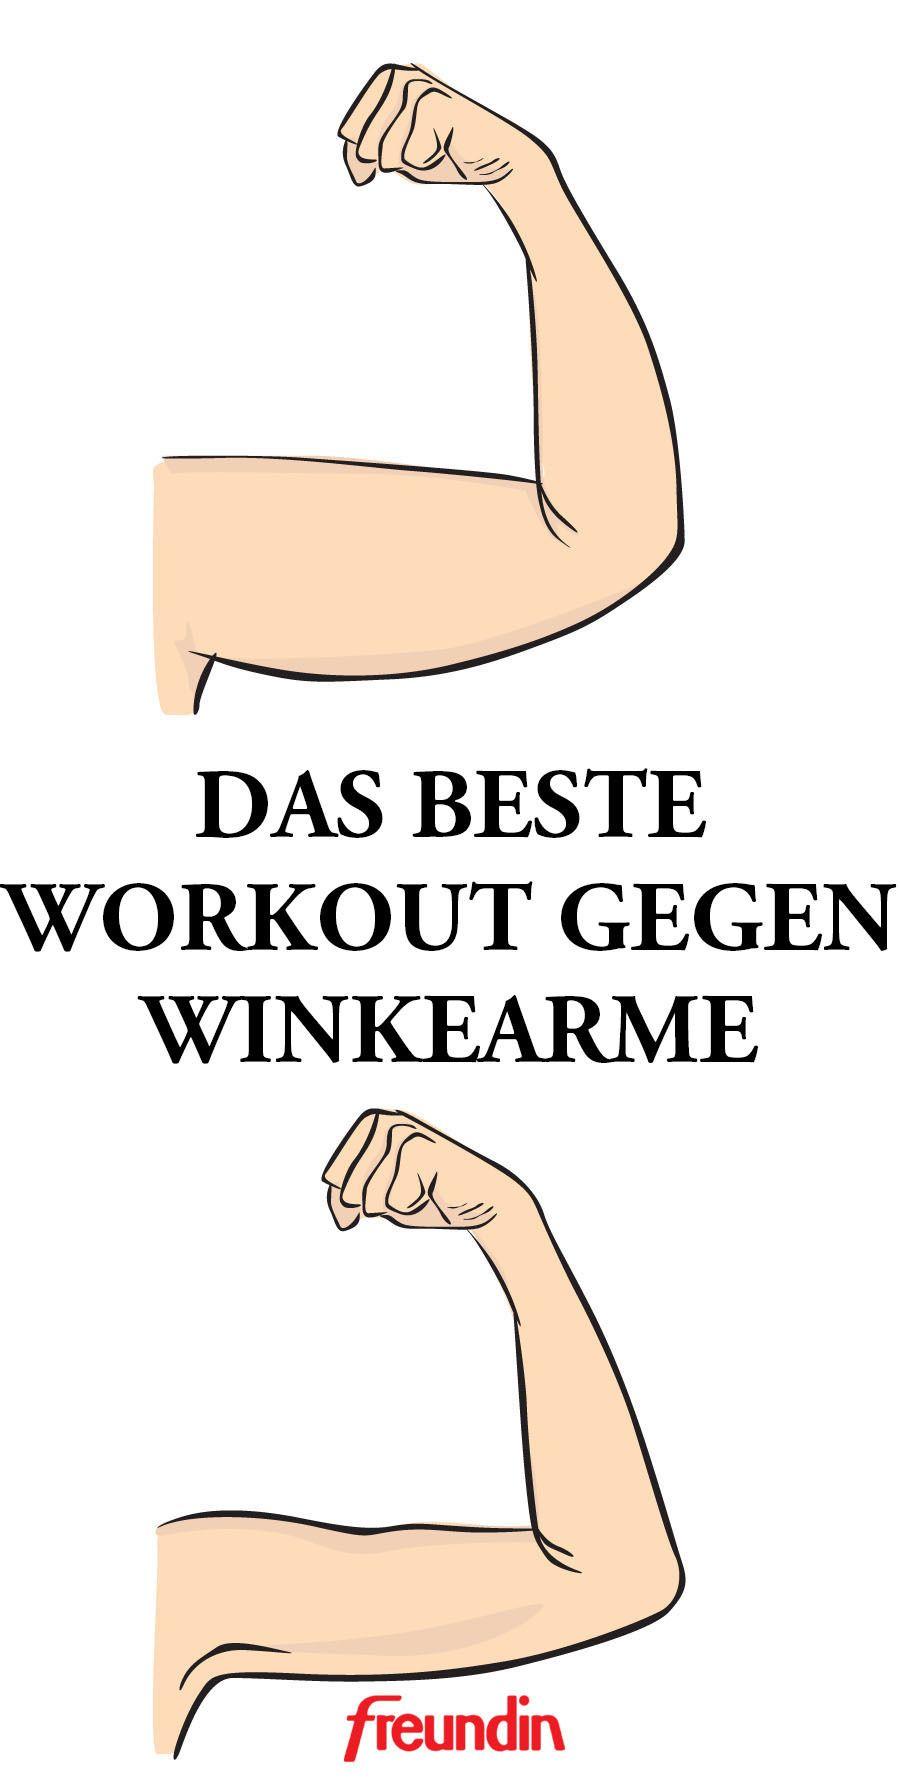 Das beste Workout gegen Winkearme #cardioworkouts